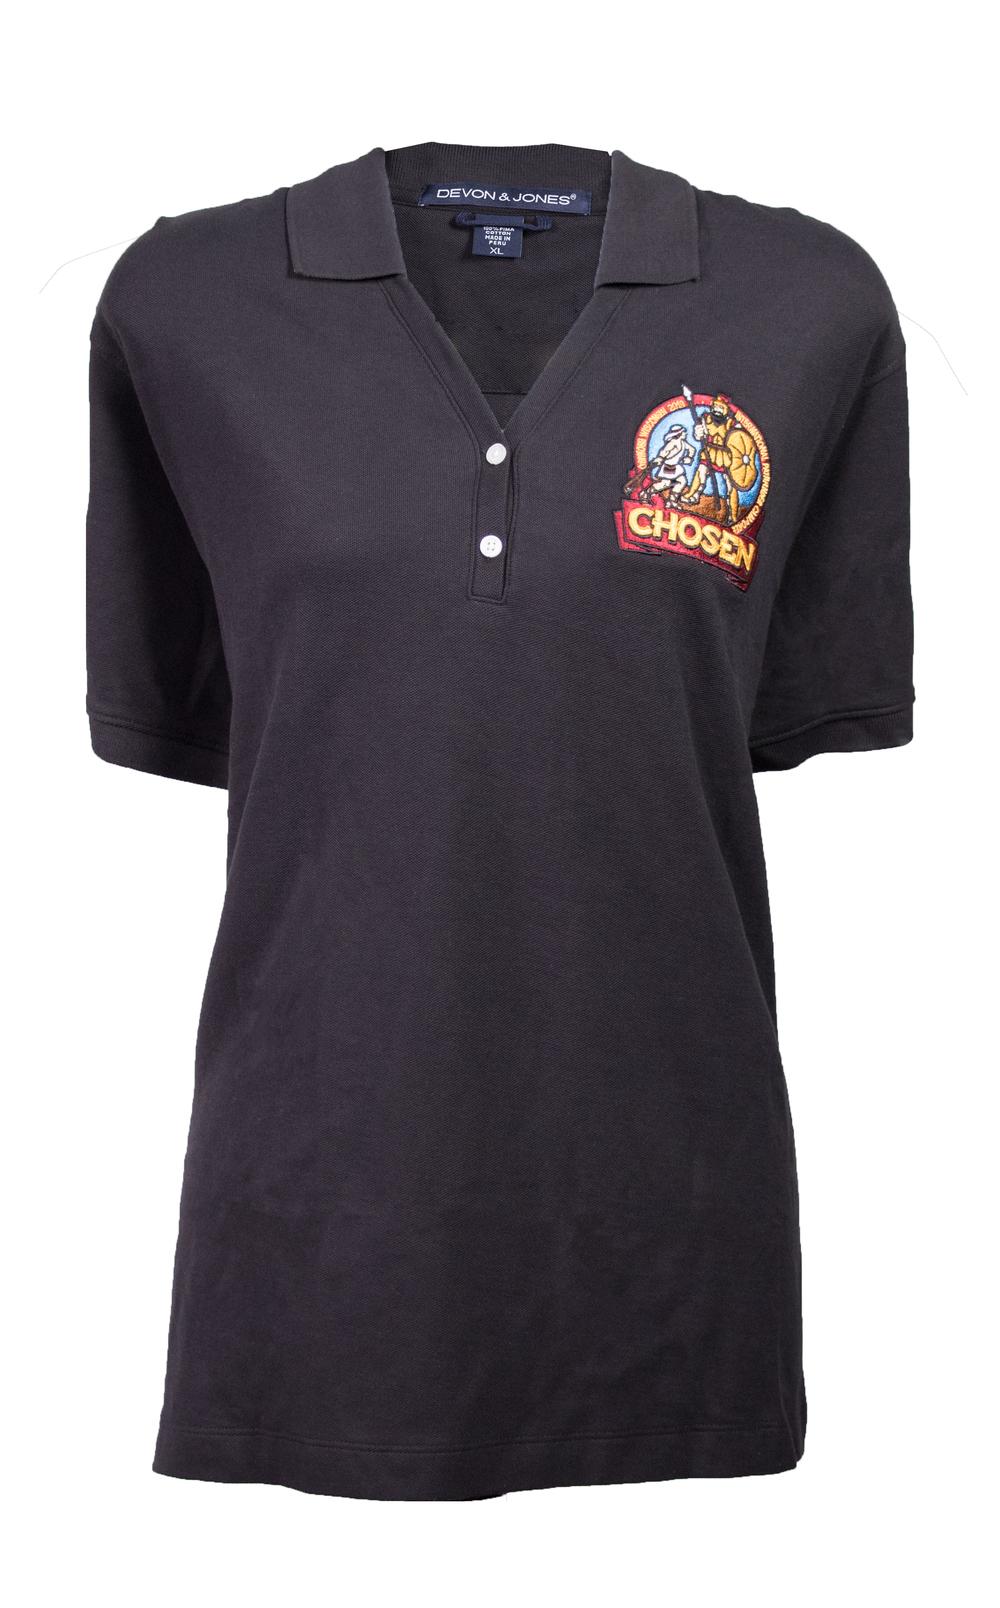 Chosen Women's Polo Shirt